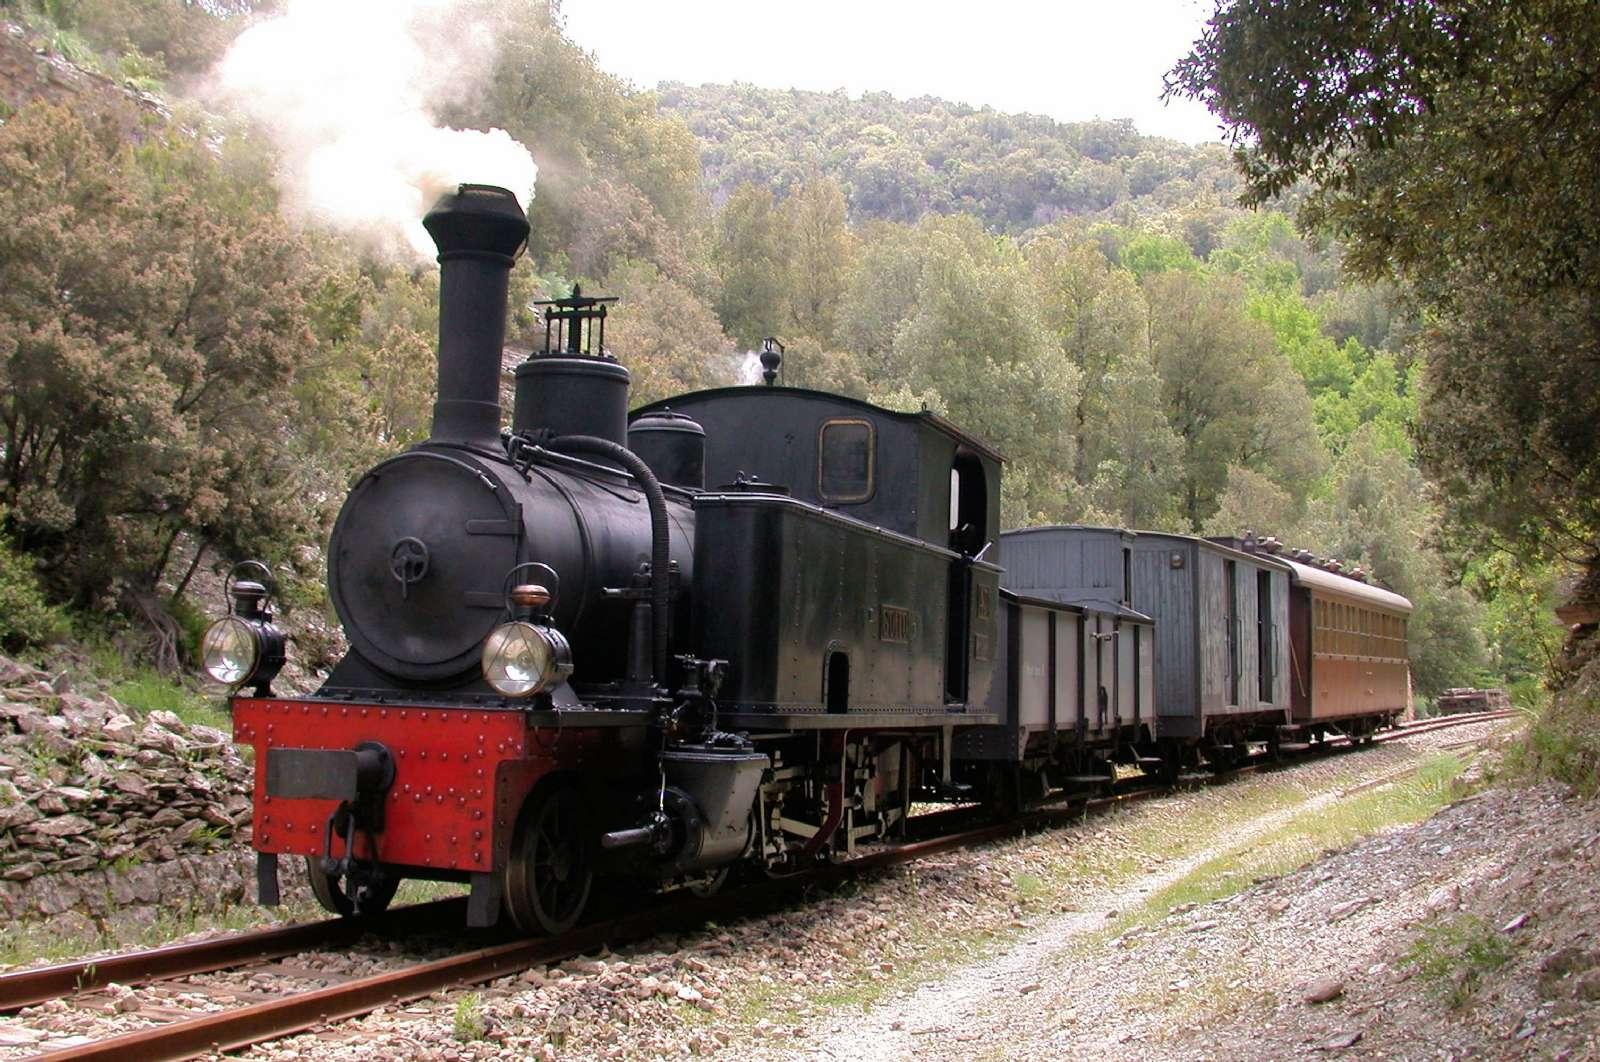 Der Nostalgie-Zug - der Trenino Verde, der in Arbatax endet